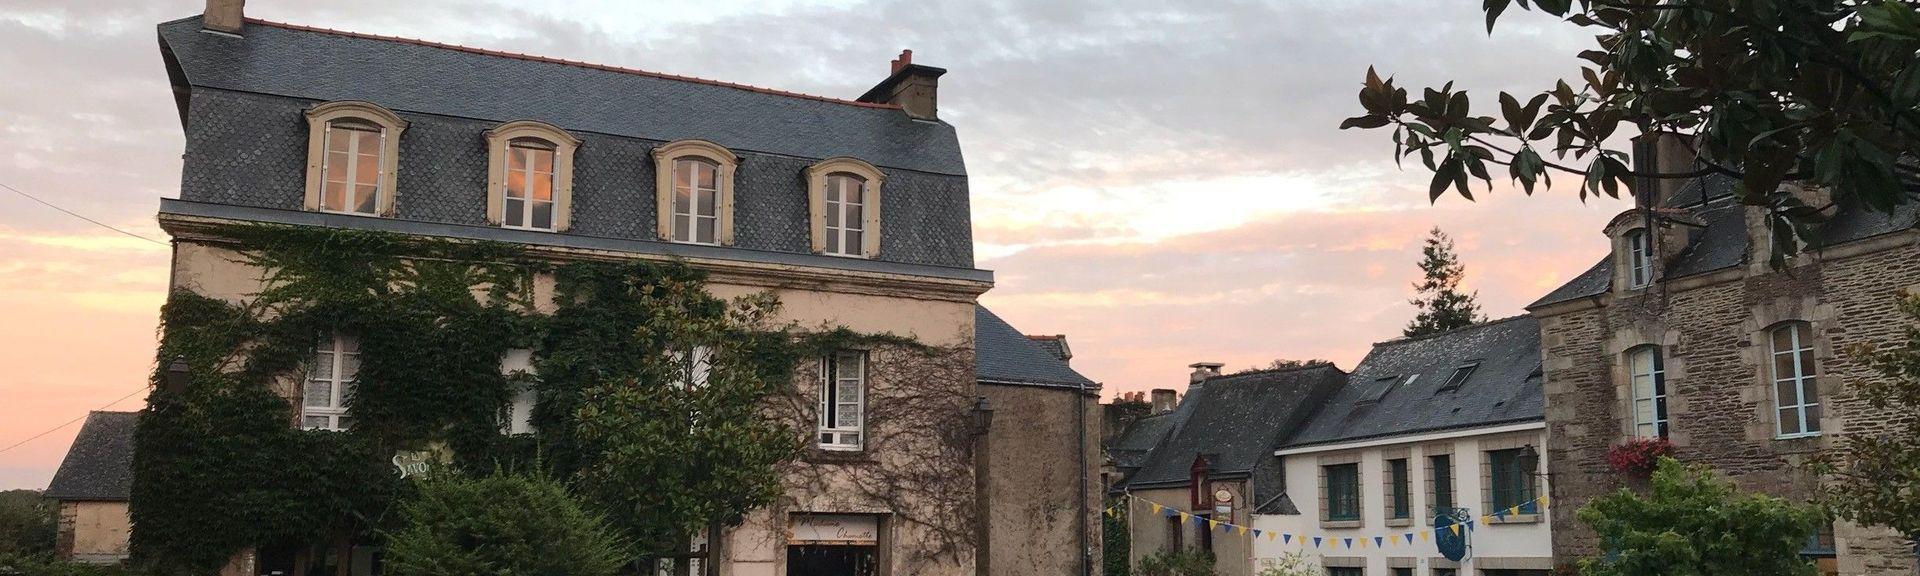 Rochefort-en-Terre Chateau, Rochefort-en-Terre, France